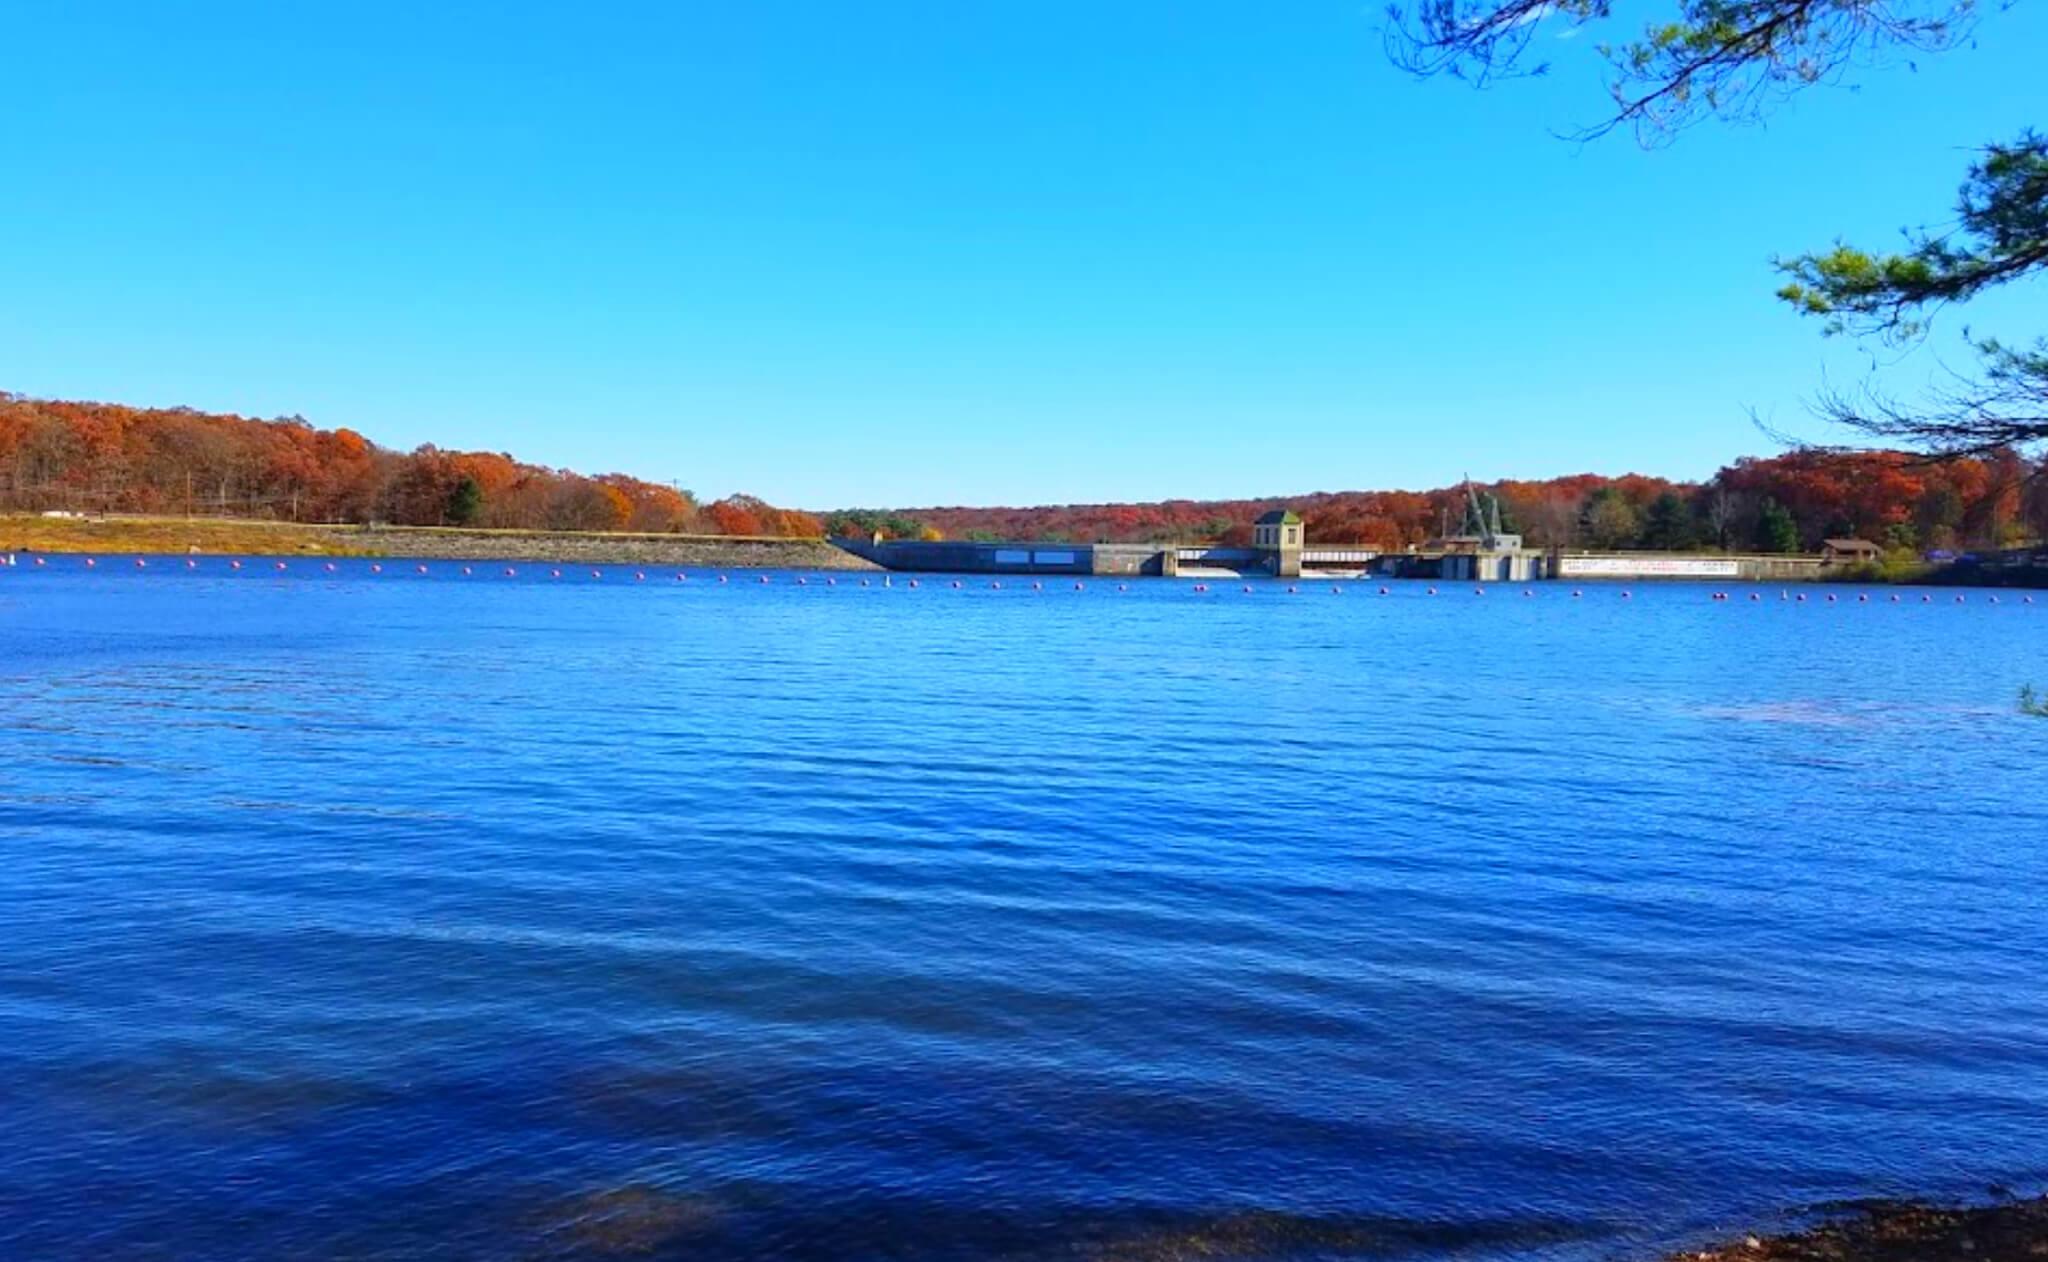 Wallenpaupack-Lake-Fishing-Report-Guide-Pennsylvania-PA-05